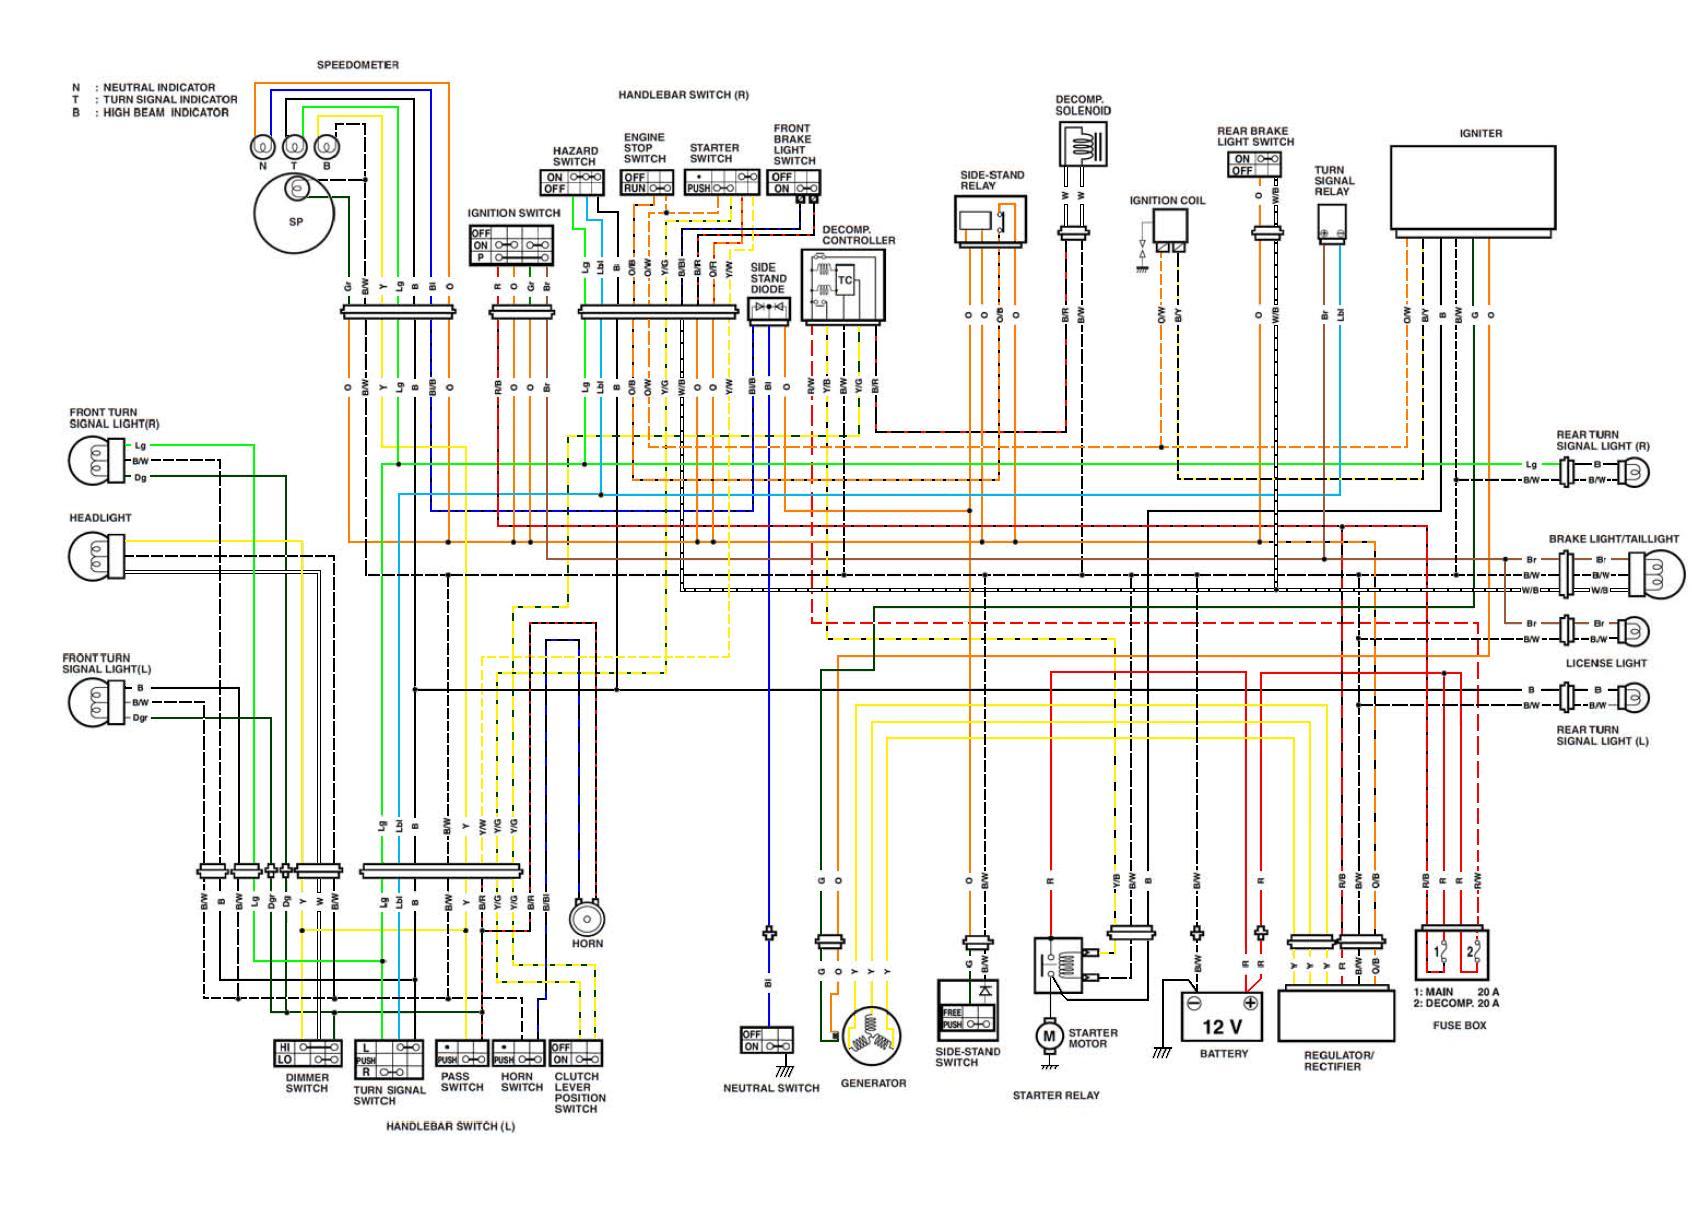 genie s 40 wiring diagram general wiring diagrams  genie s 40 wiring diagram #7